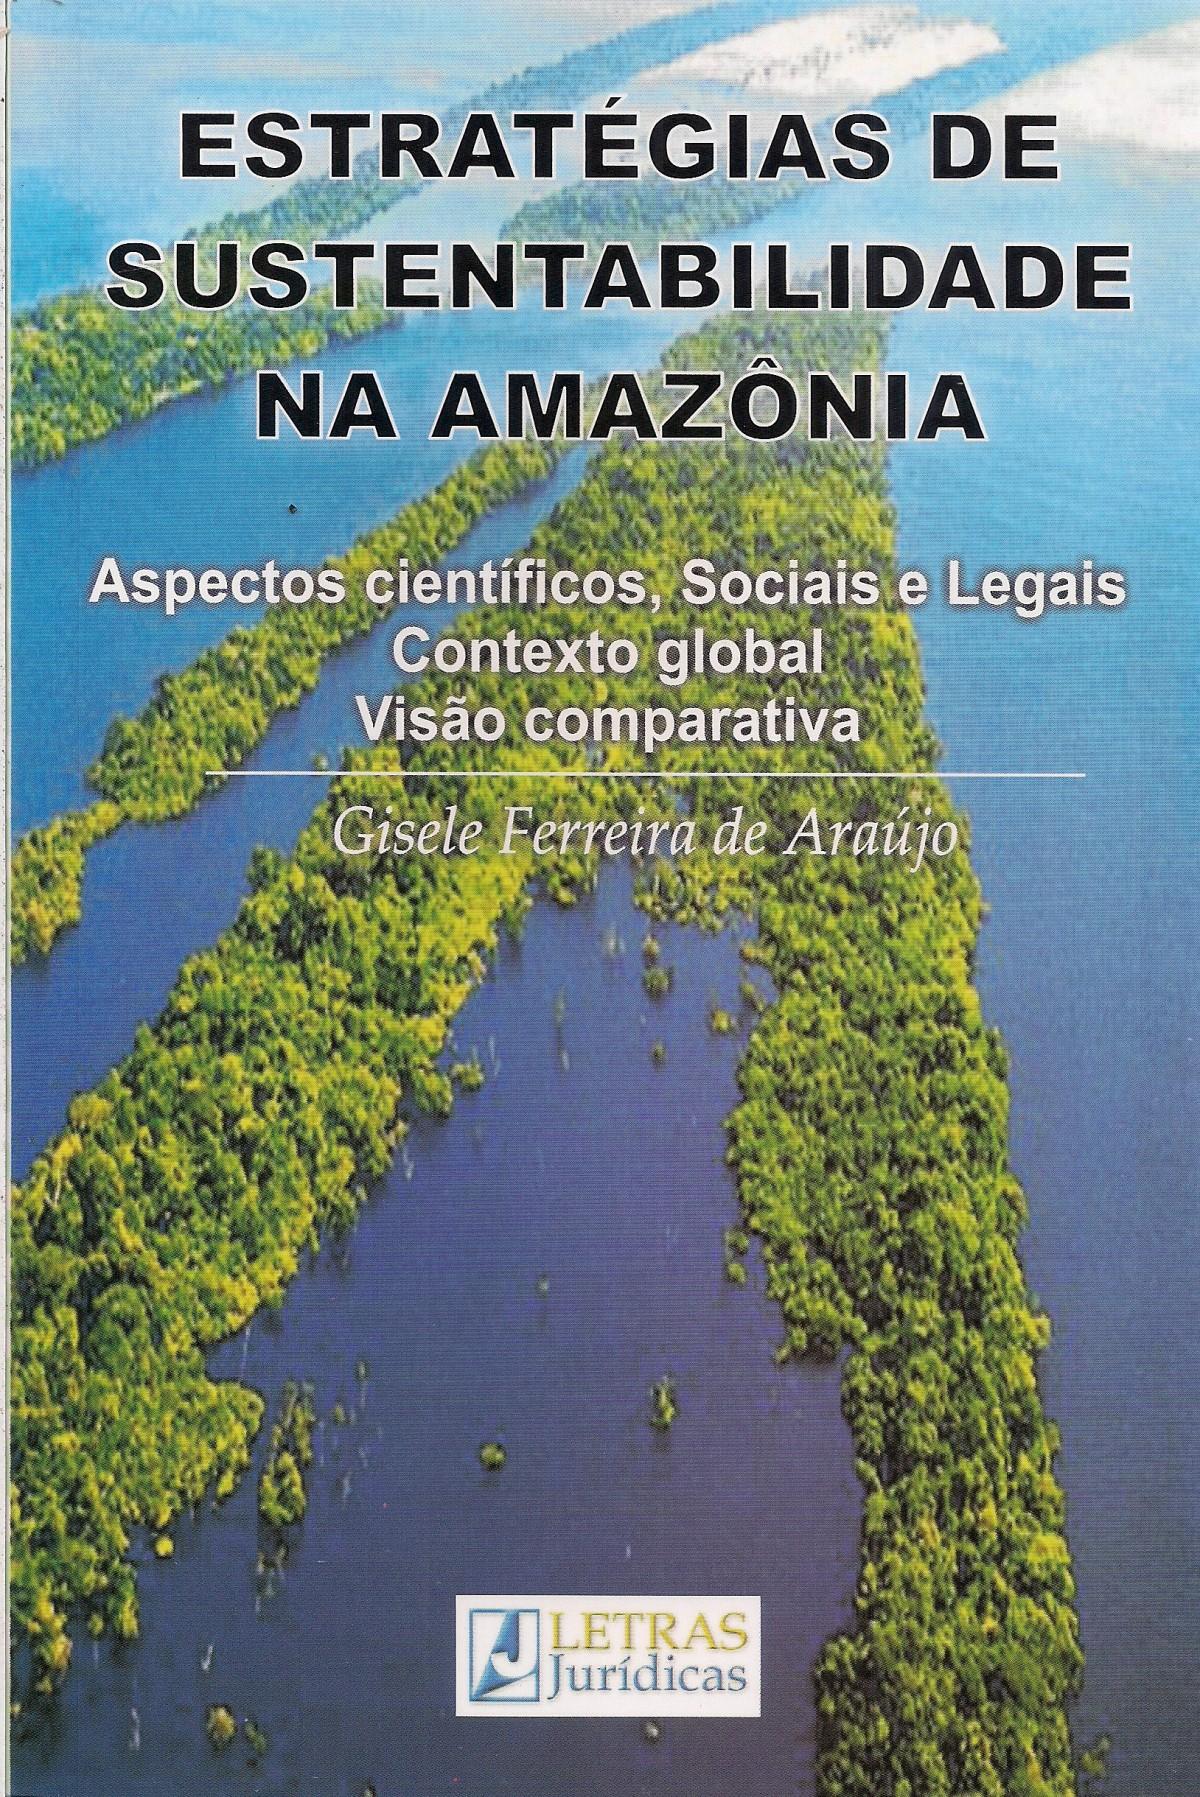 Foto 1 - Estratégias de Sustentabilidade na Amazônia